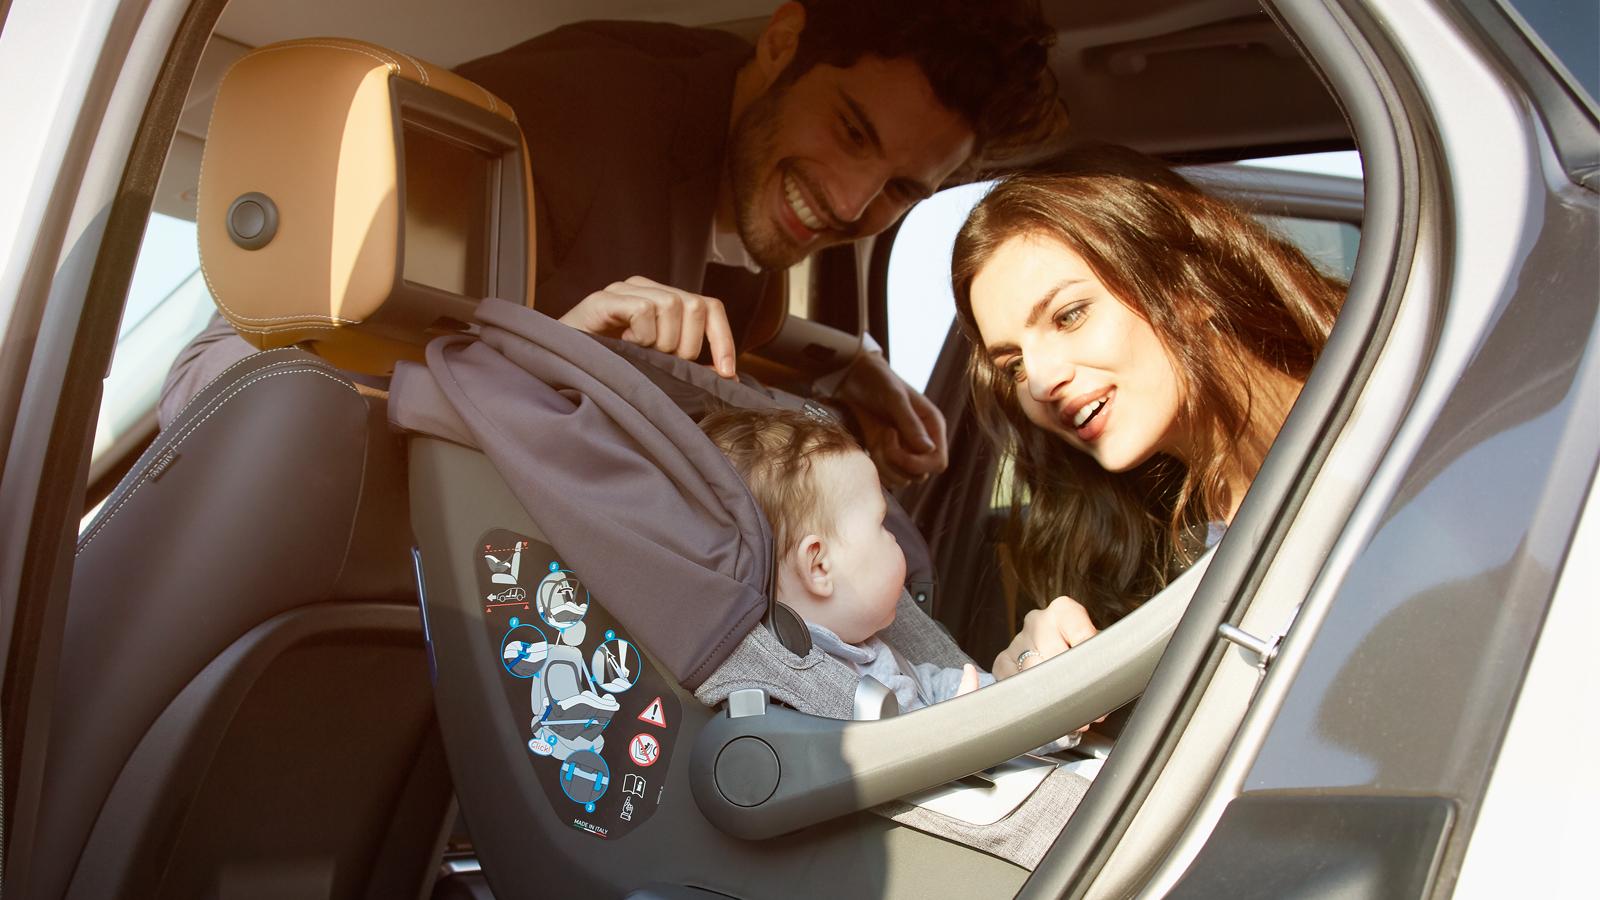 Η μεταφορά παιδικών καθισμάτων μπορεί να τραυματίσει τις νέες μητέρες, προειδοποιούν οι ειδικοί